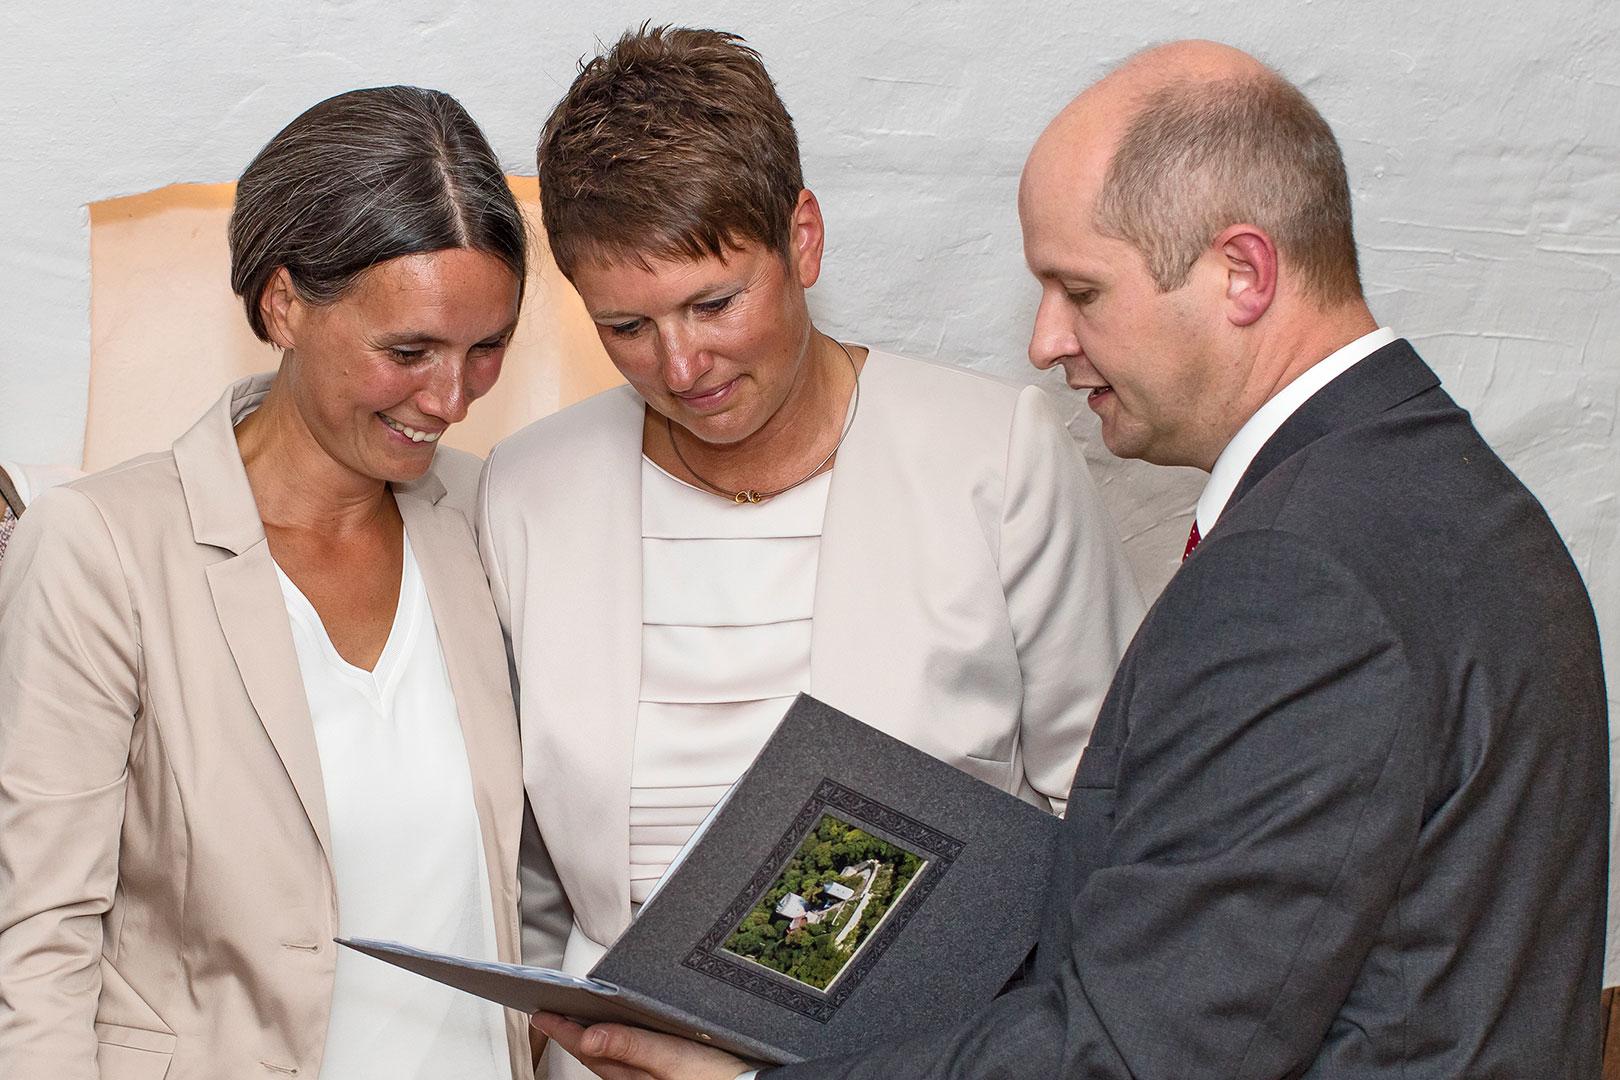 Hochzeitsfotografie: Hochzeitspaar mit Standesbeamten | Foto: Dieter Eikenberg, imprints